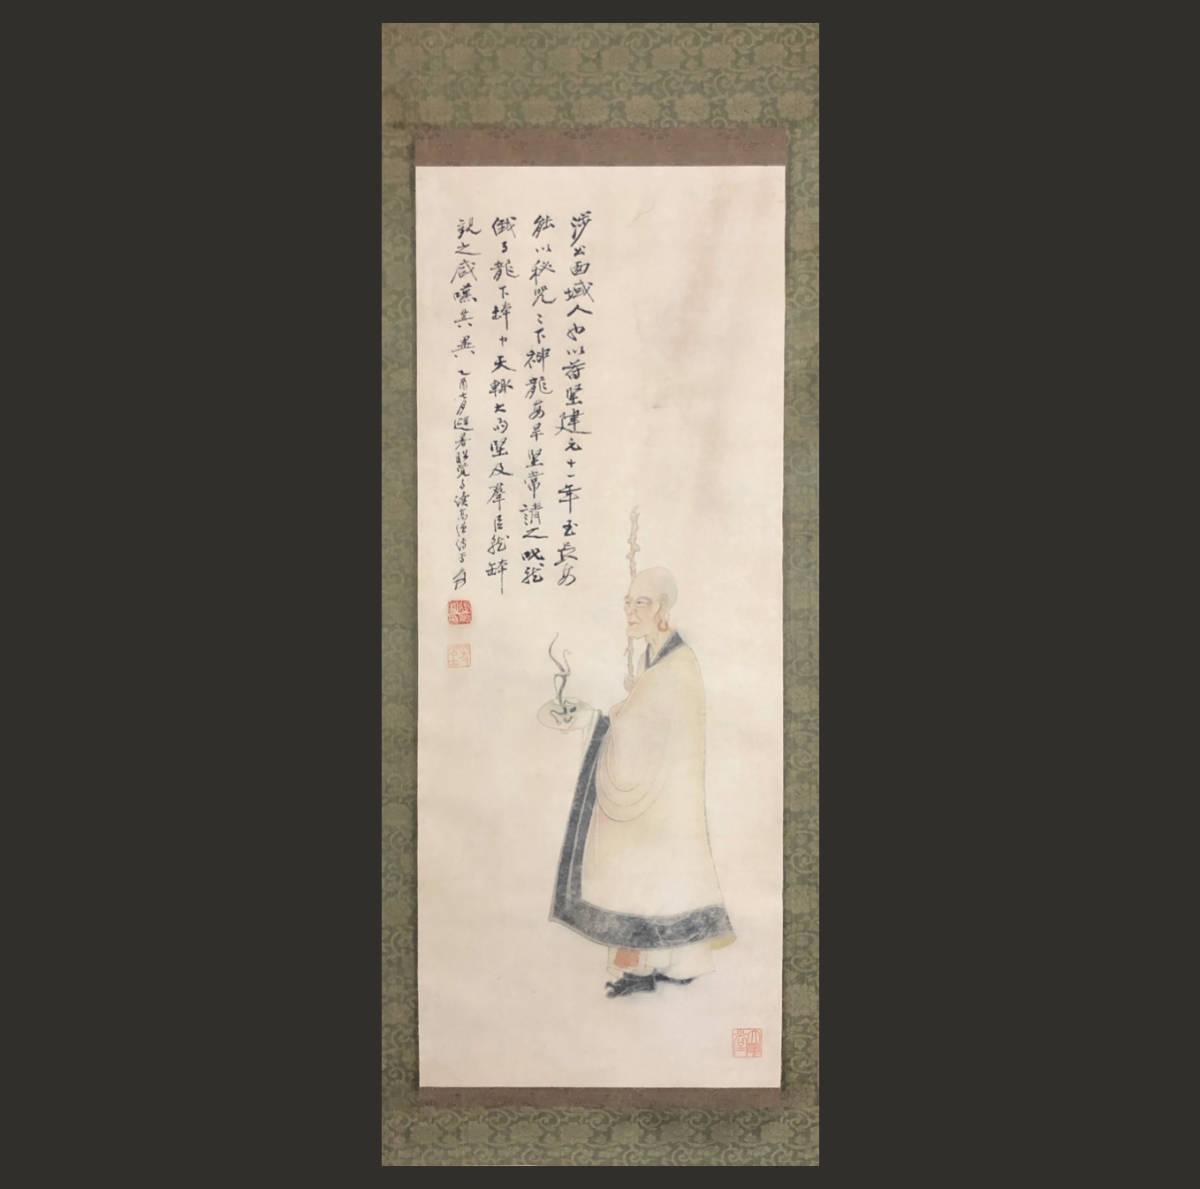 【掛軸】張大千 人物画 中国近代美術 紙本 美品 肉筆時代保証 Fine Chinese Hanging scro